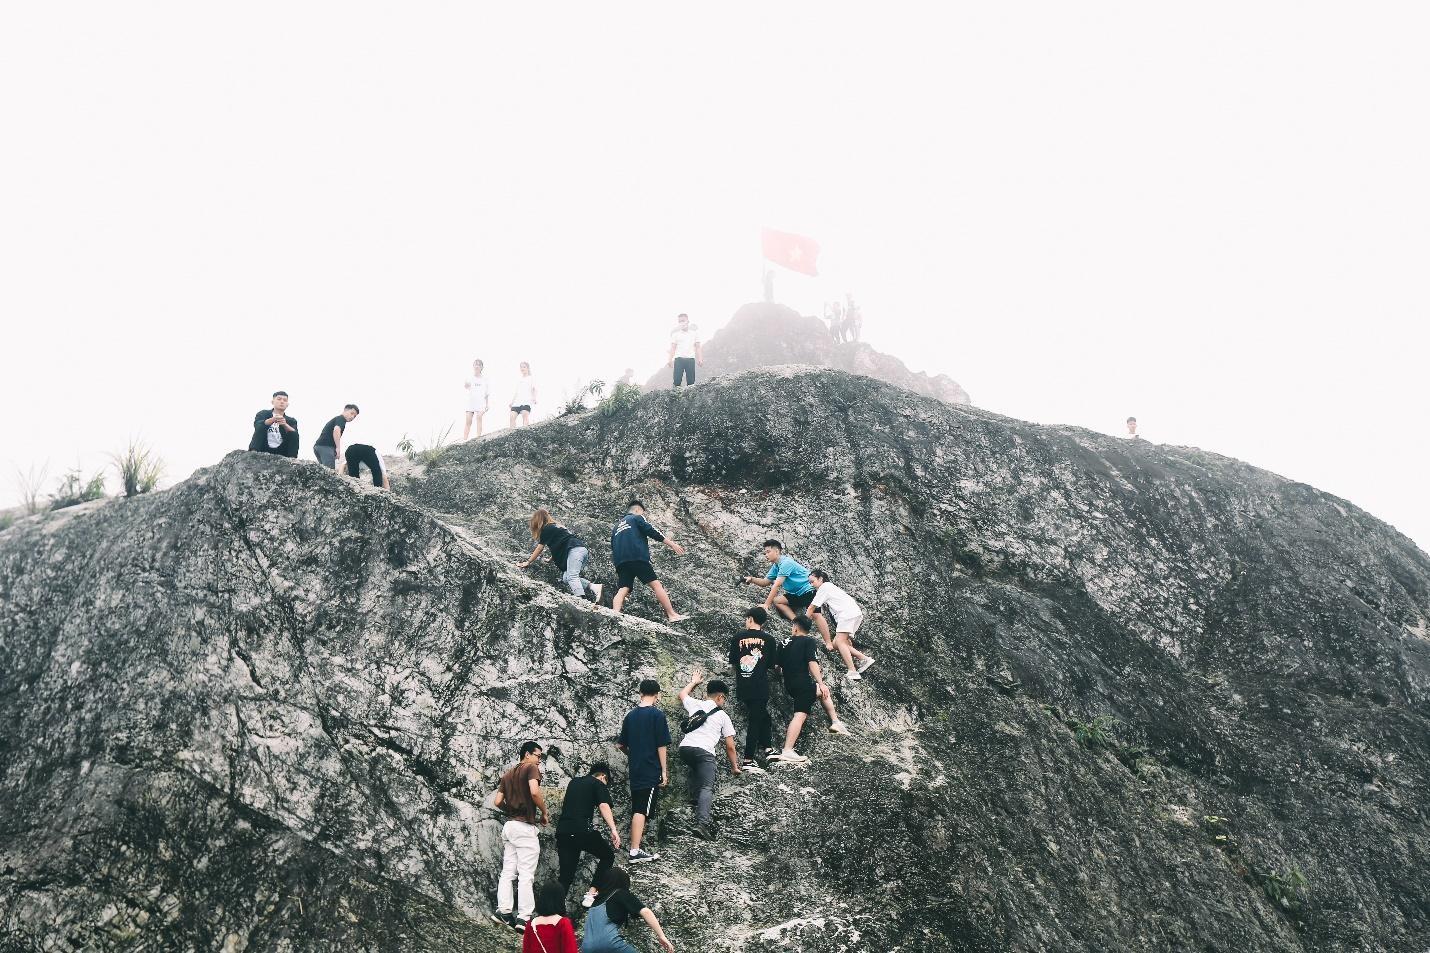 Chuyến dã ngoại đầy ắp kỷ niệm của sinh viên Trường Doanh nhân CEO Việt Nam ảnh 6